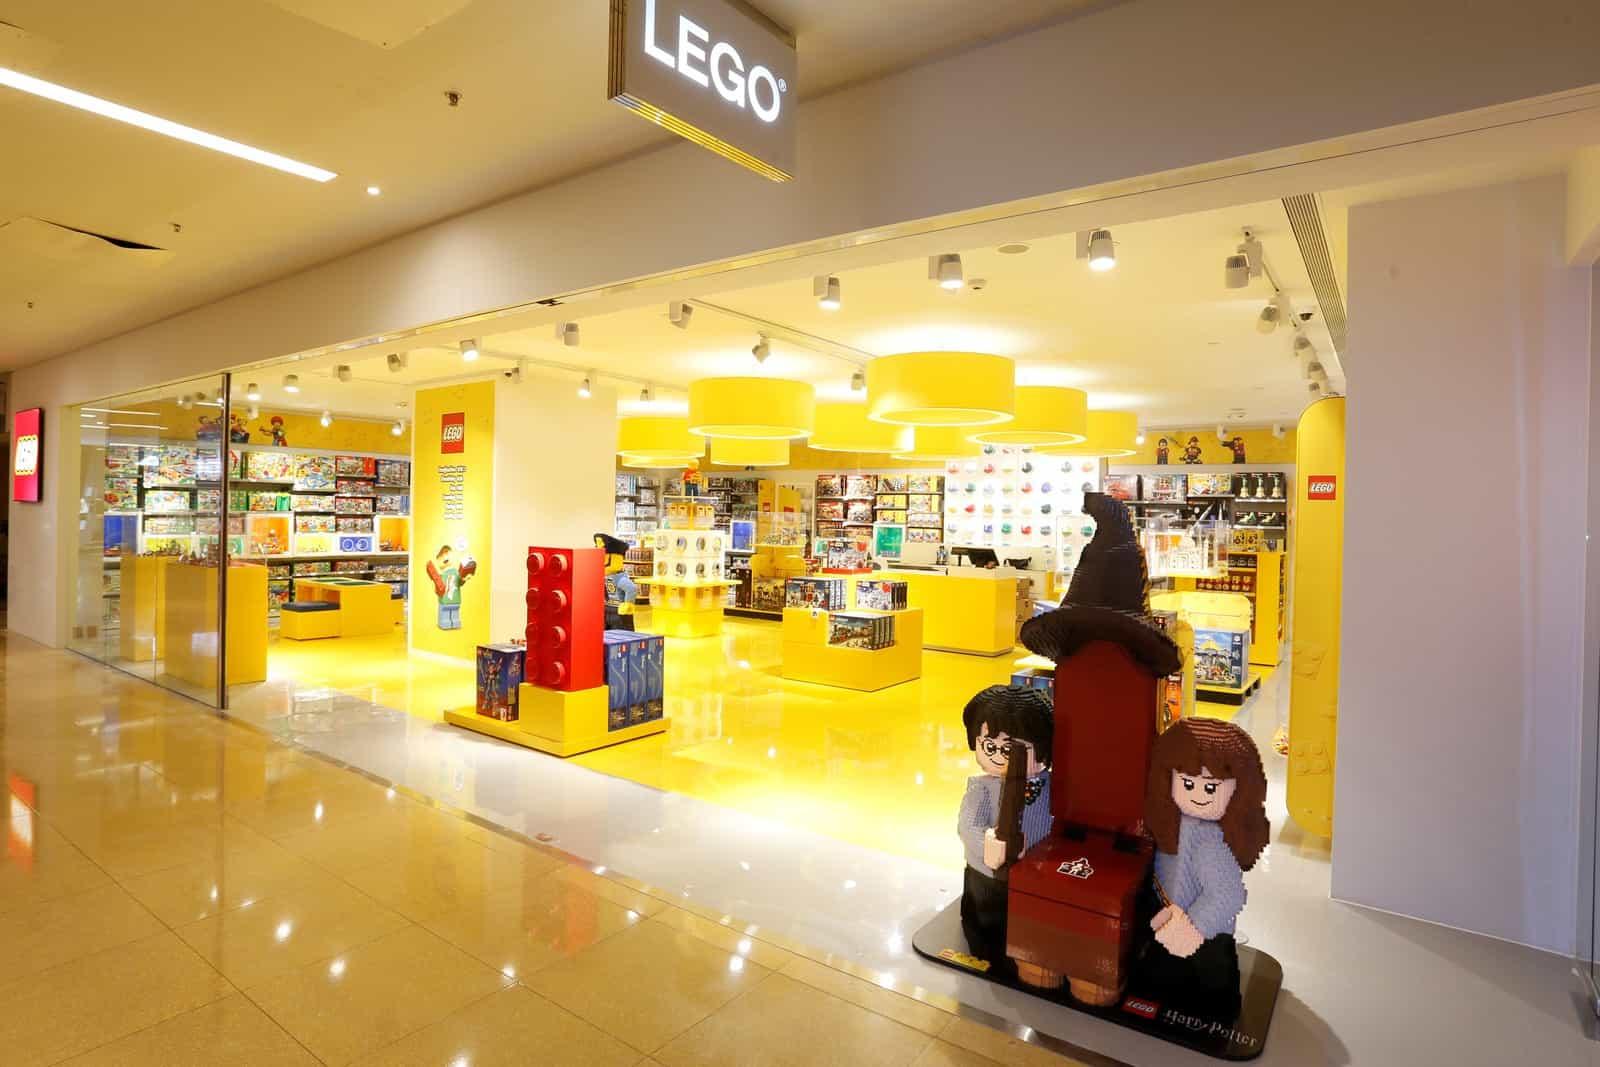 LEGO 展現太古城百年歷史 太古城中心 LEGO Store 開幕+優惠